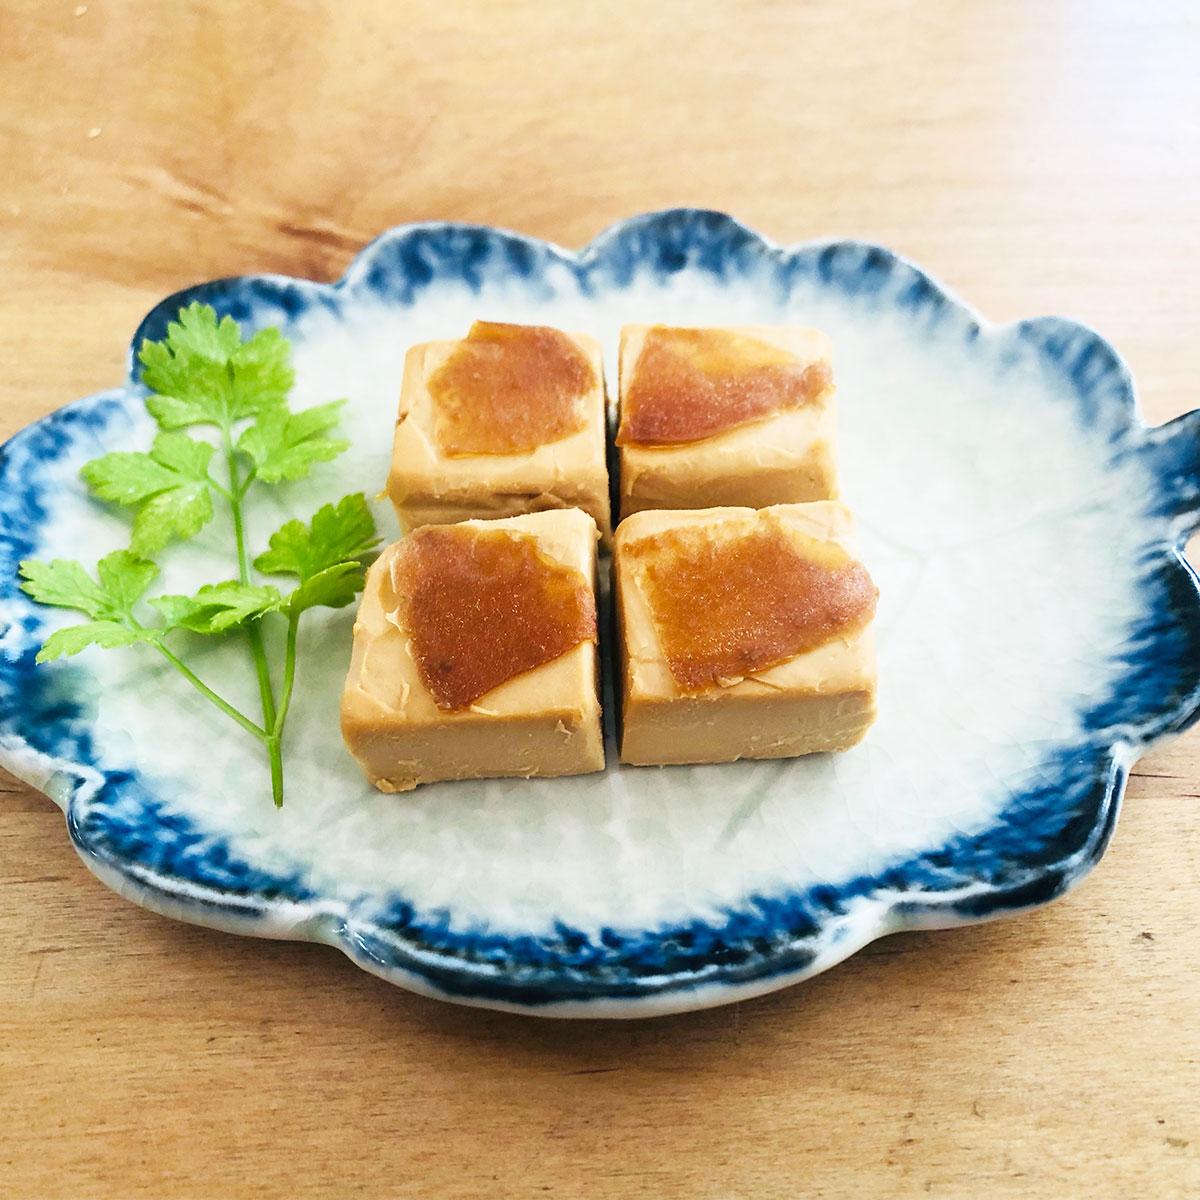 三原食品 芳醇な香り 奈良漬クリームチーズ 6個セット〔75g×6〕